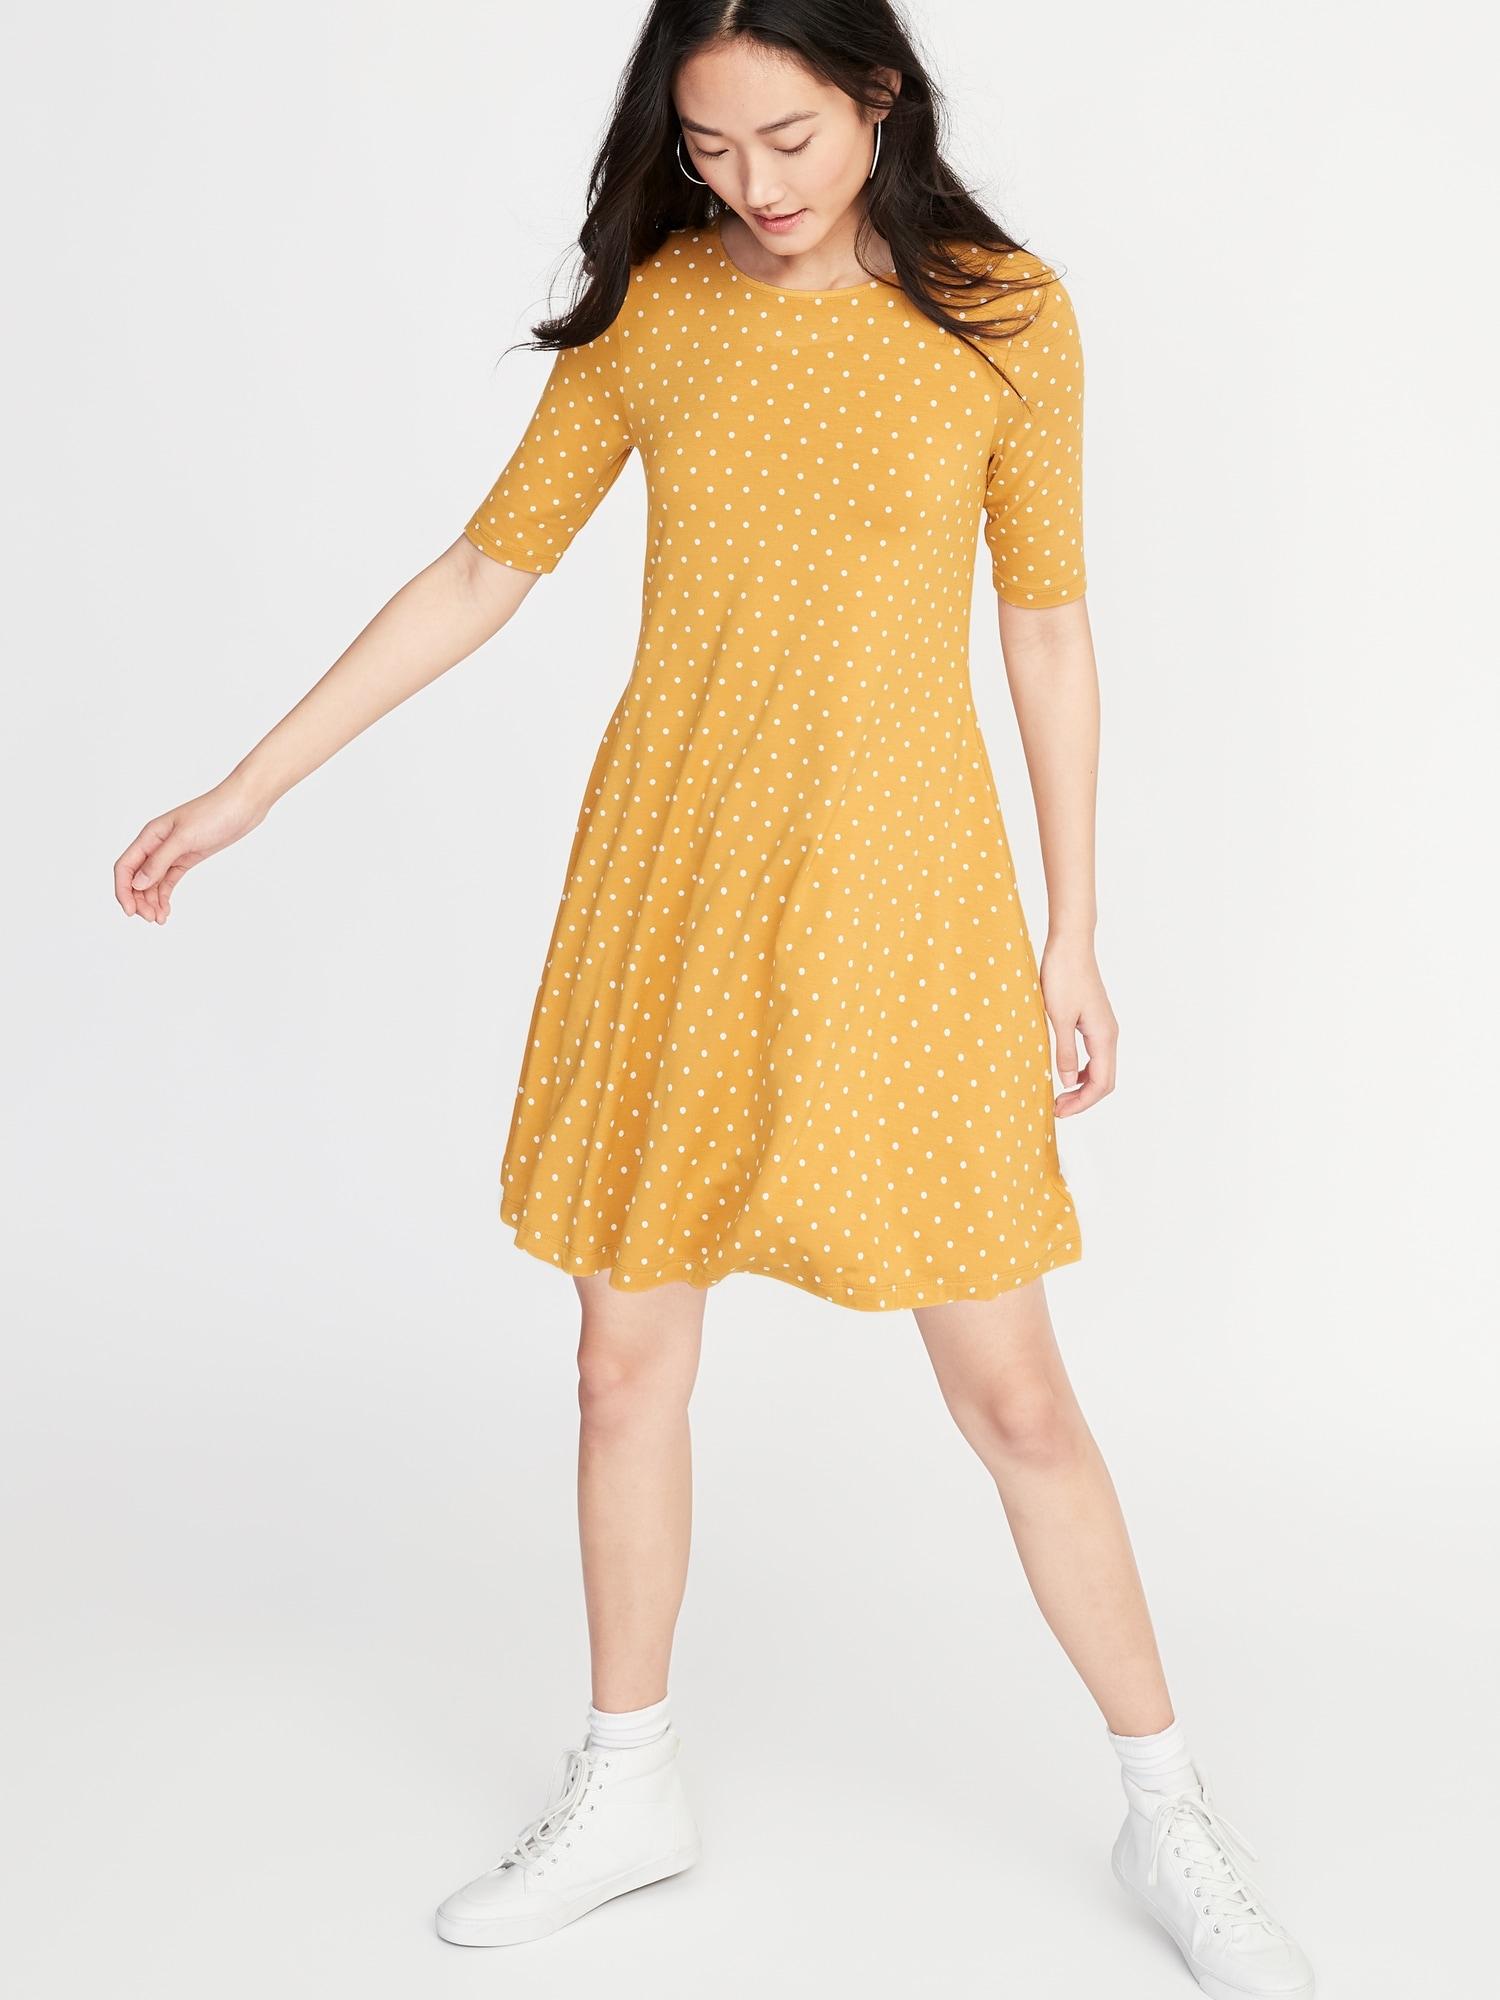 4449de119c23 Jersey Swing Dress for Women   Old Navy